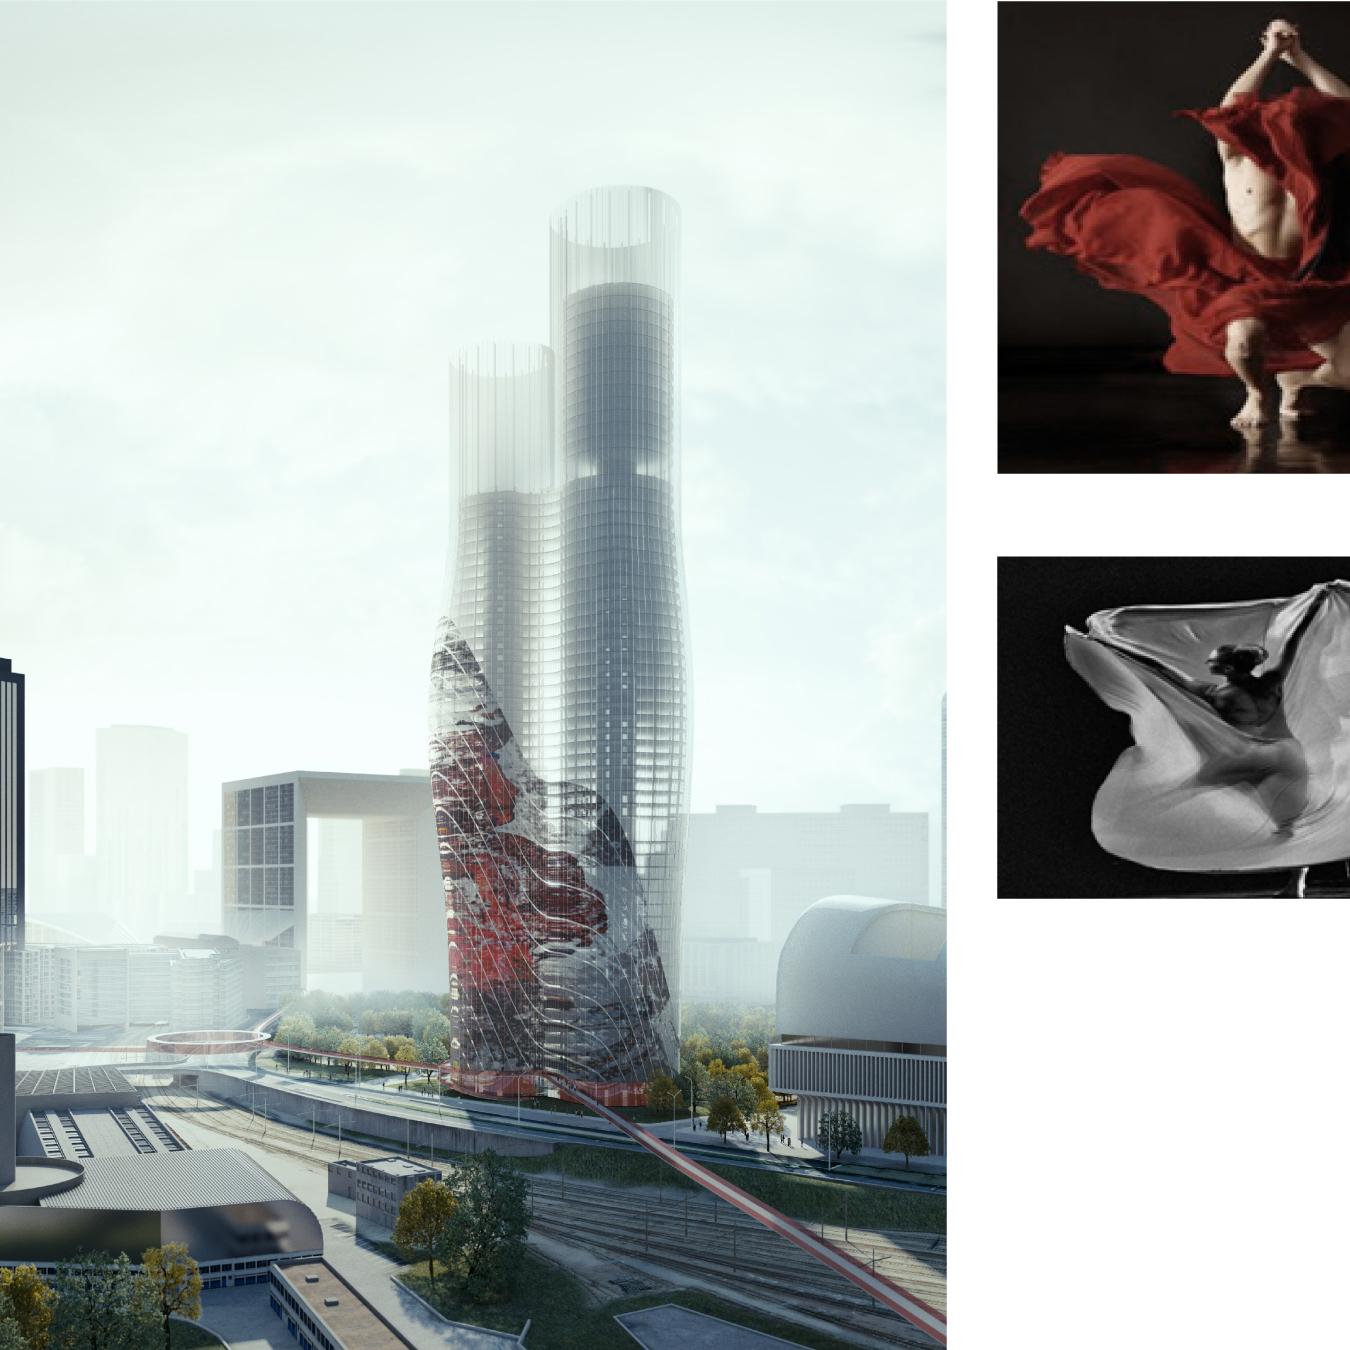 paris jardins de l 39 arche tower 225m 180m pro. Black Bedroom Furniture Sets. Home Design Ideas